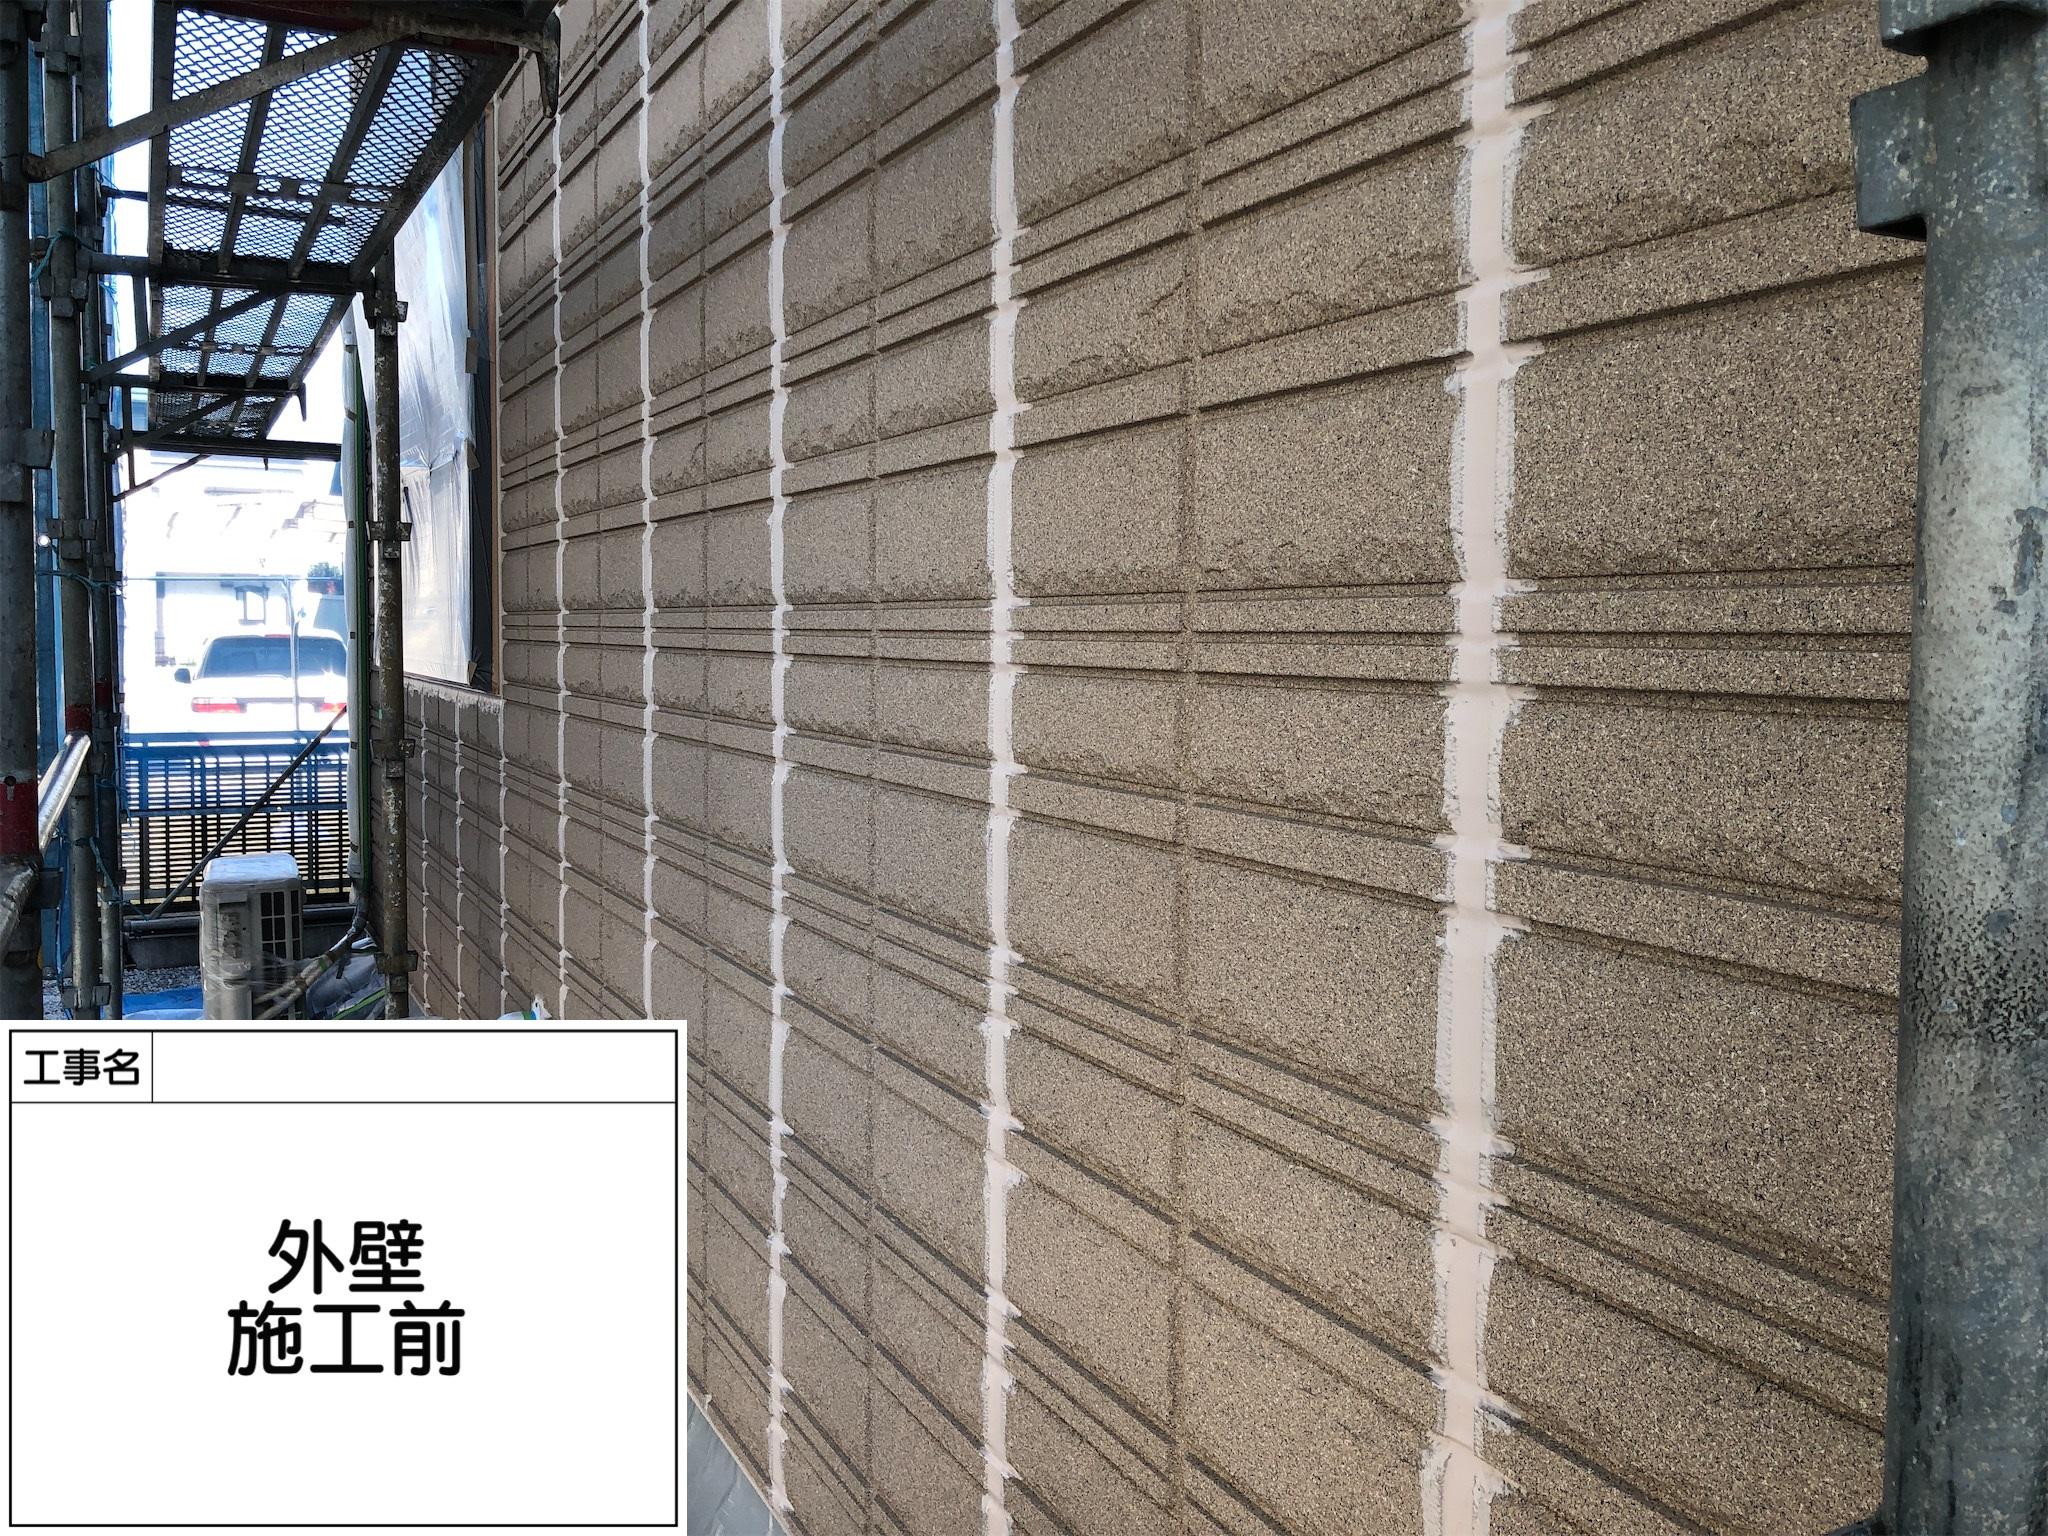 宇都宮でヘーベルハウスの外壁塗装